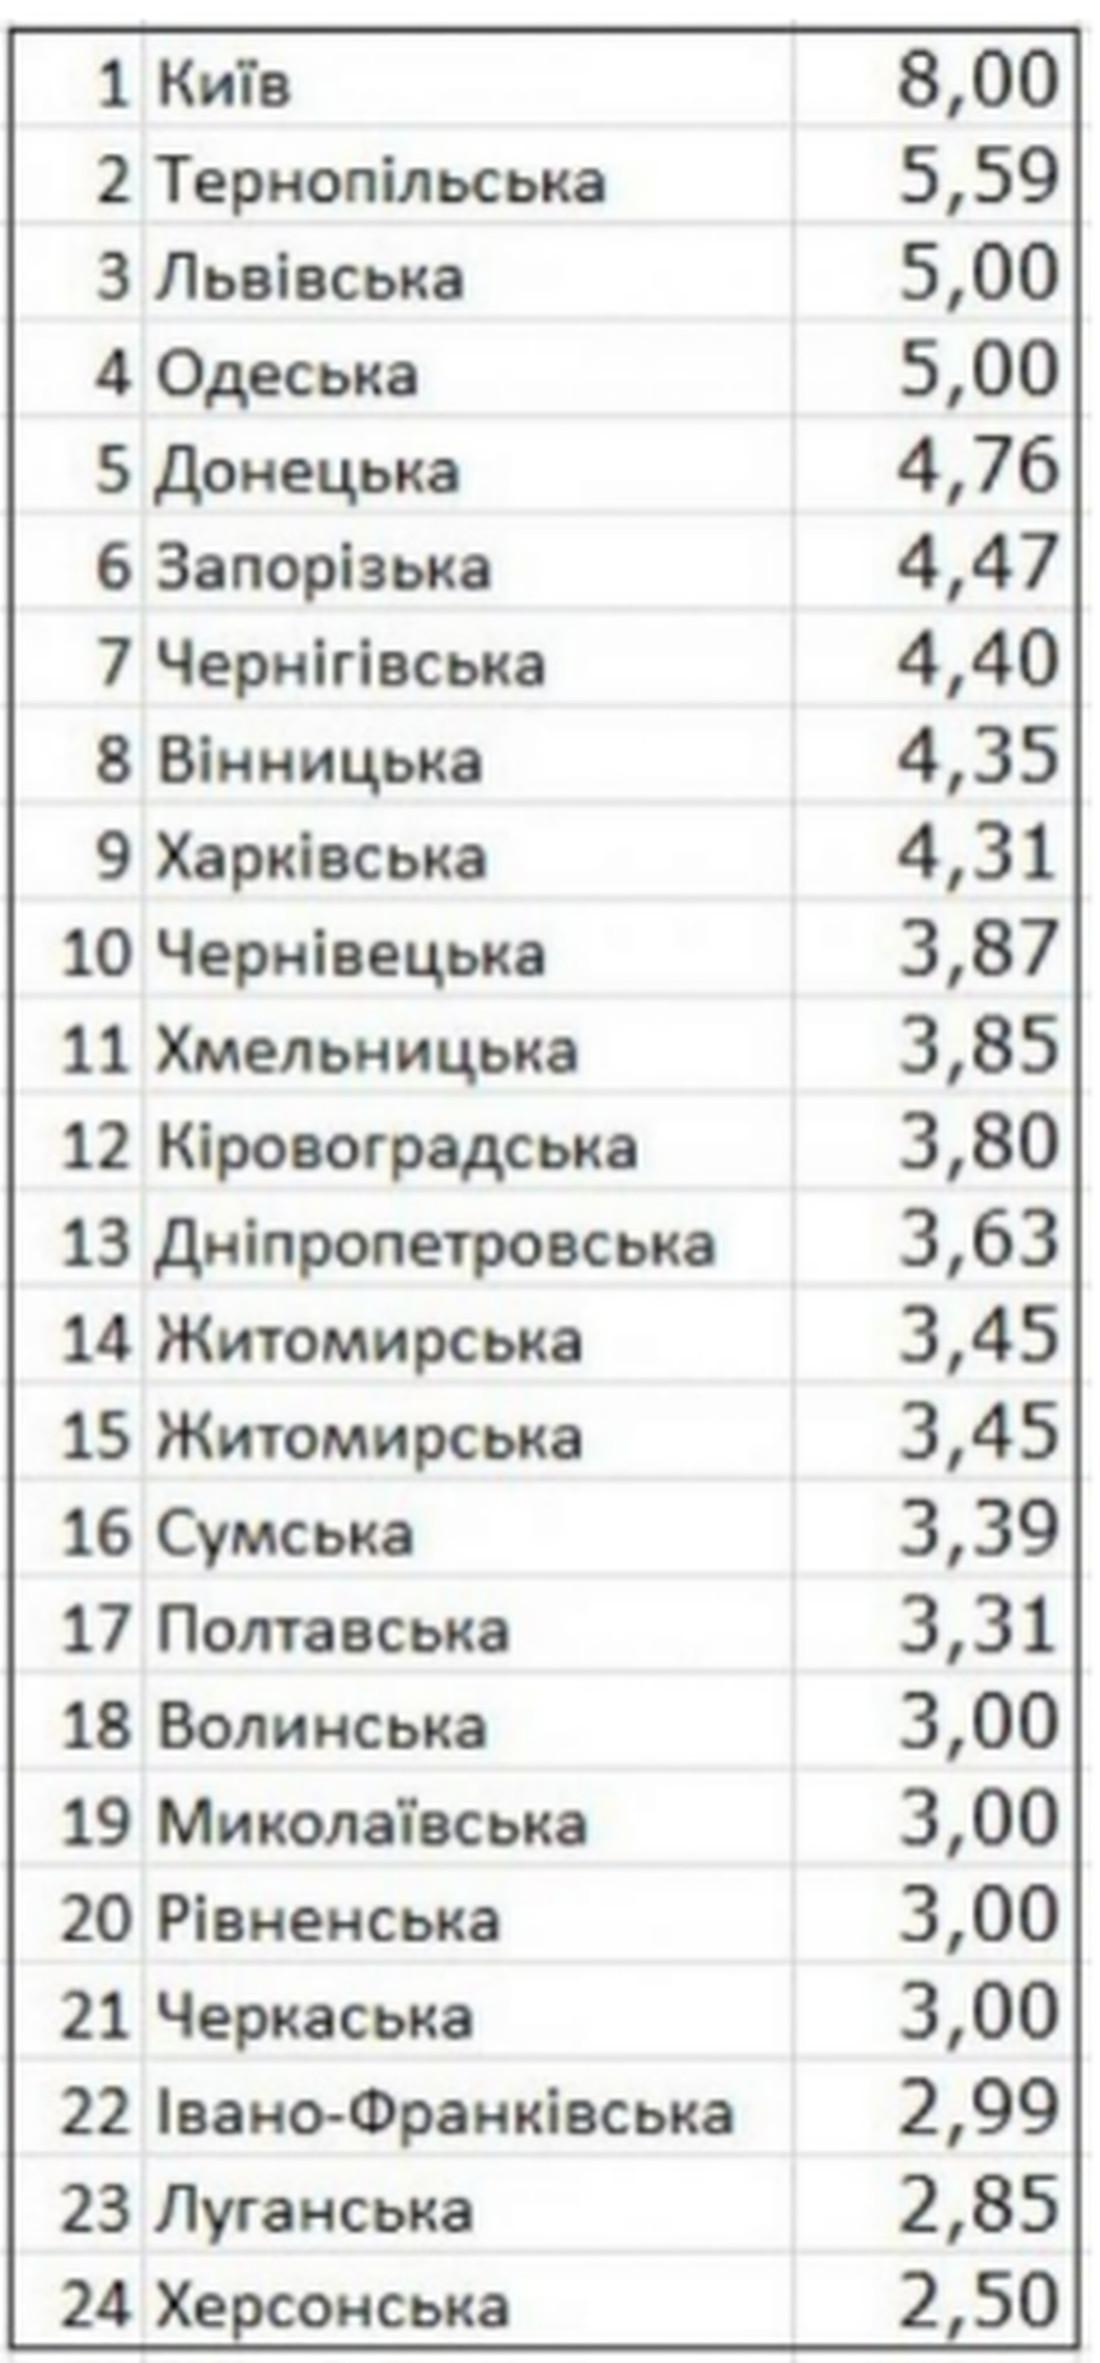 Цена одной поездки в разных областях Украины